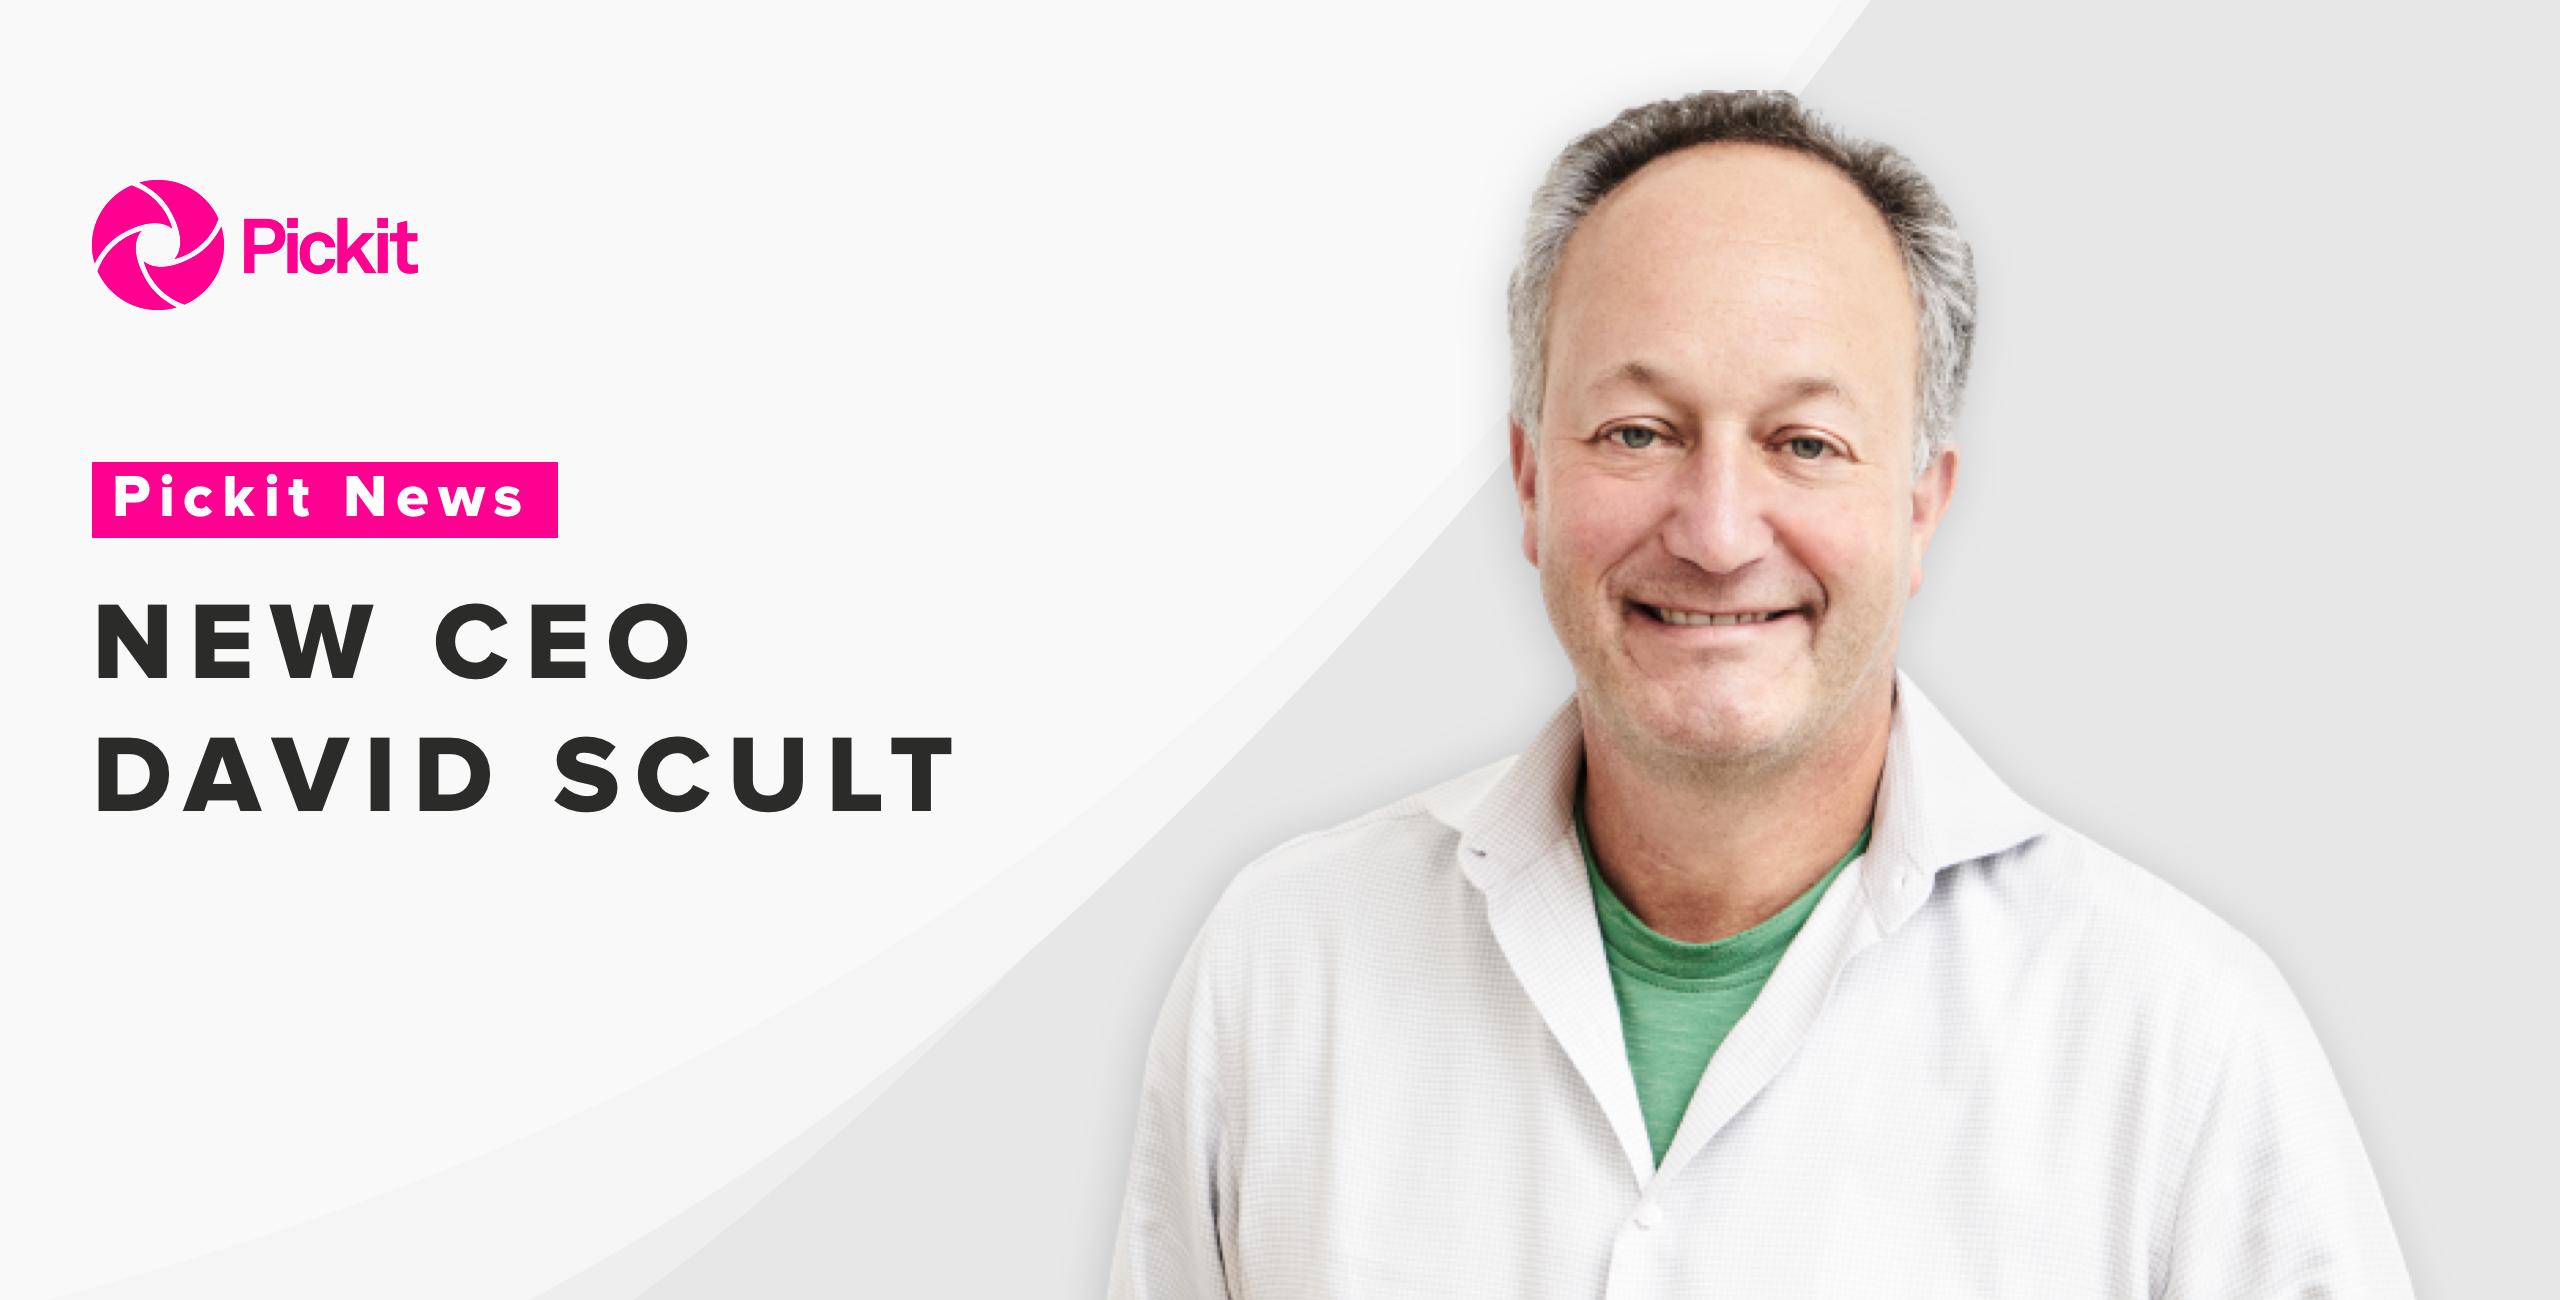 New CEO DAVID SCULT NEW